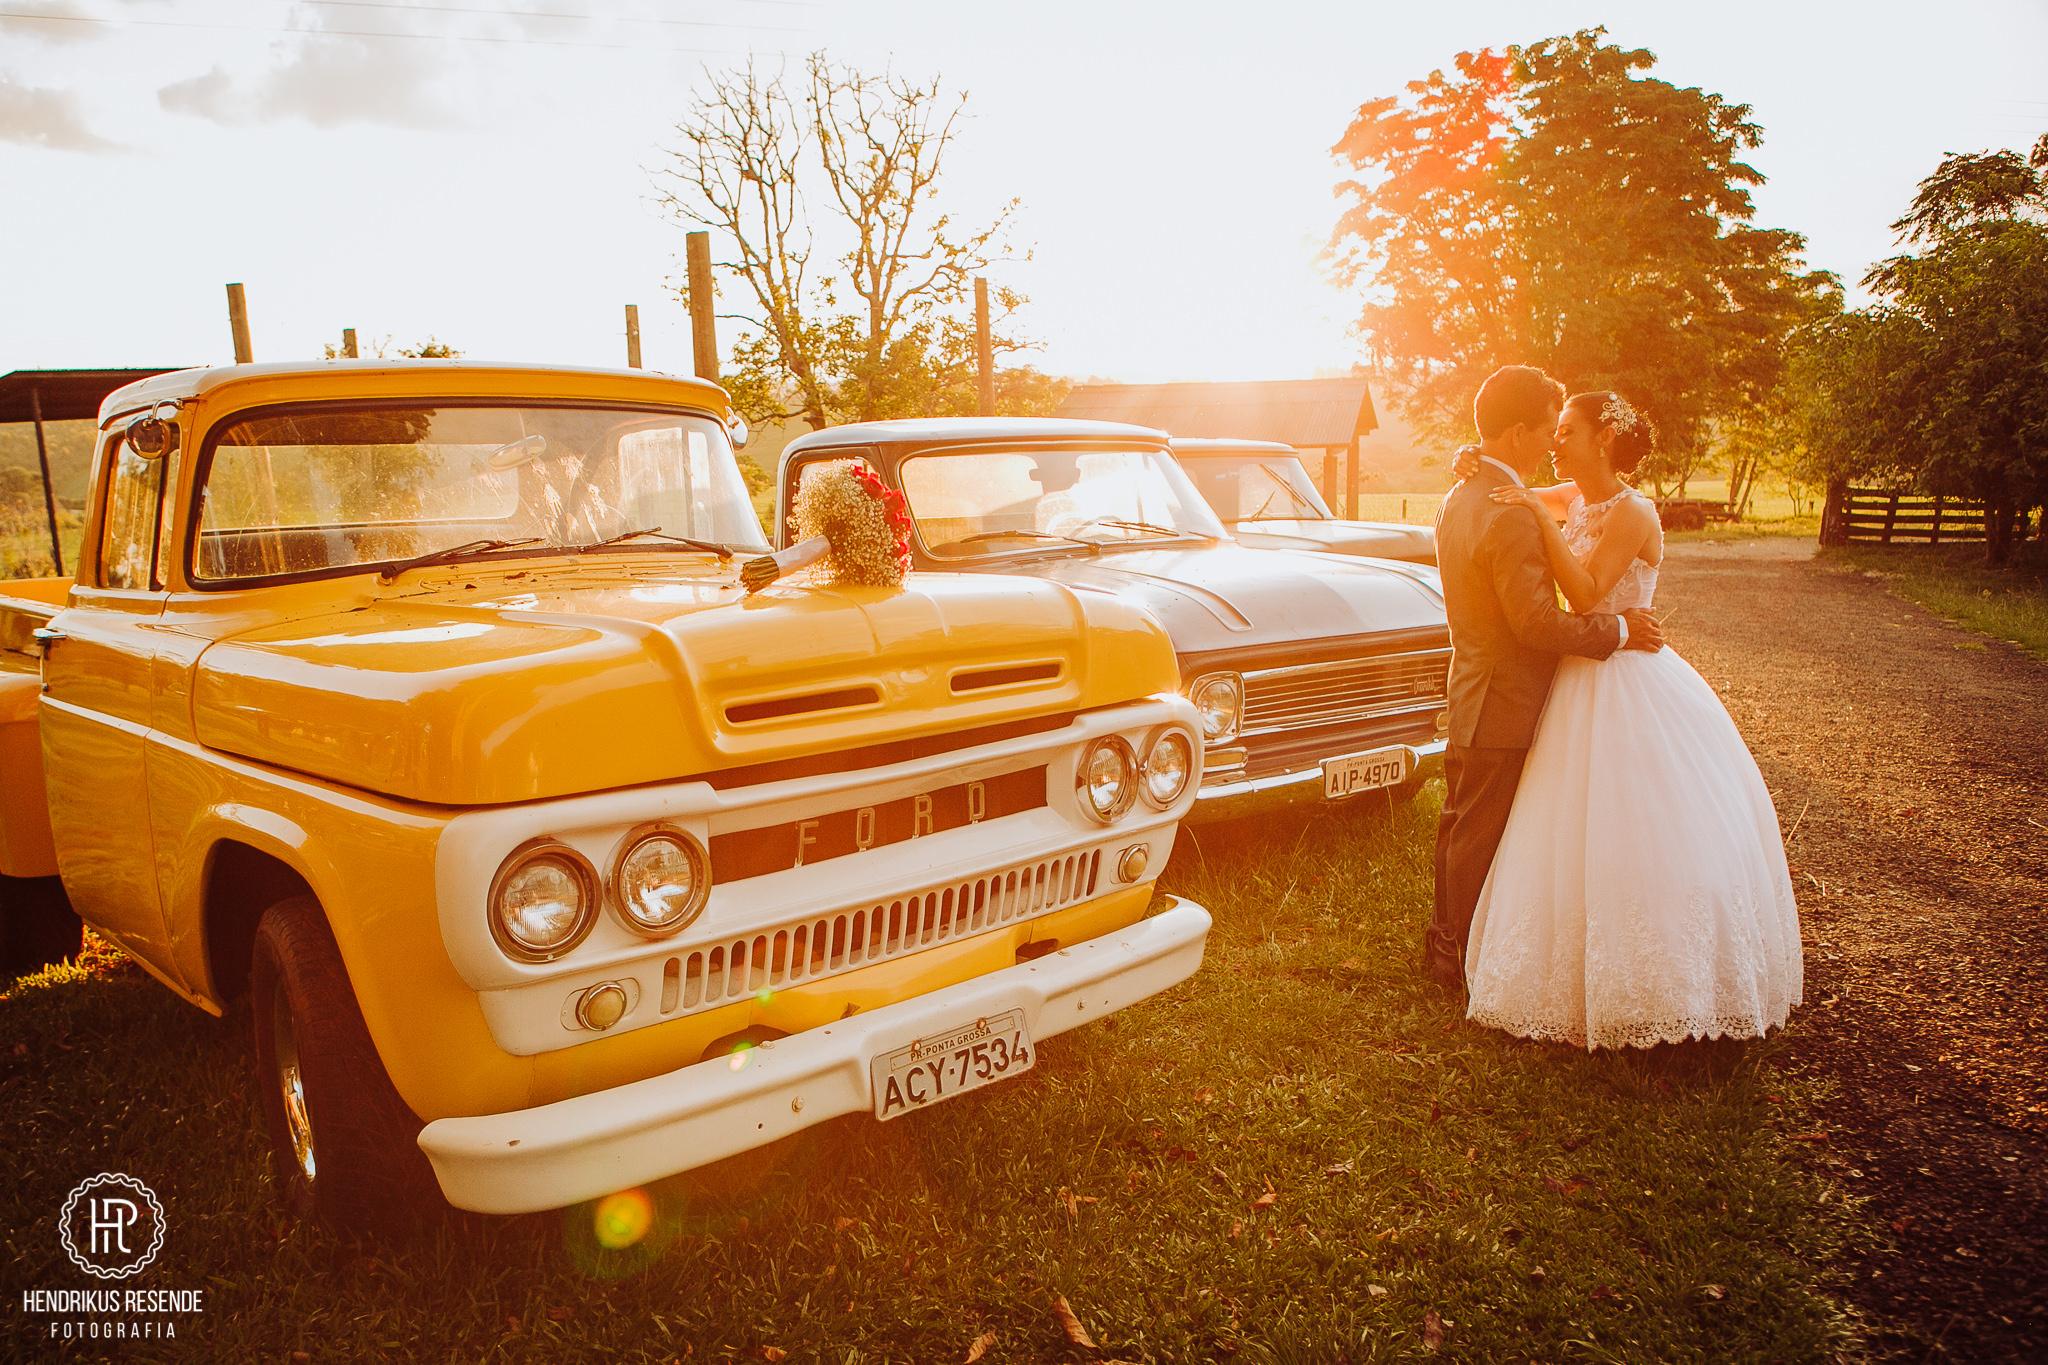 Contate Hendrikus Resende - Fotógrafo de Casamentos, Família e Retratos